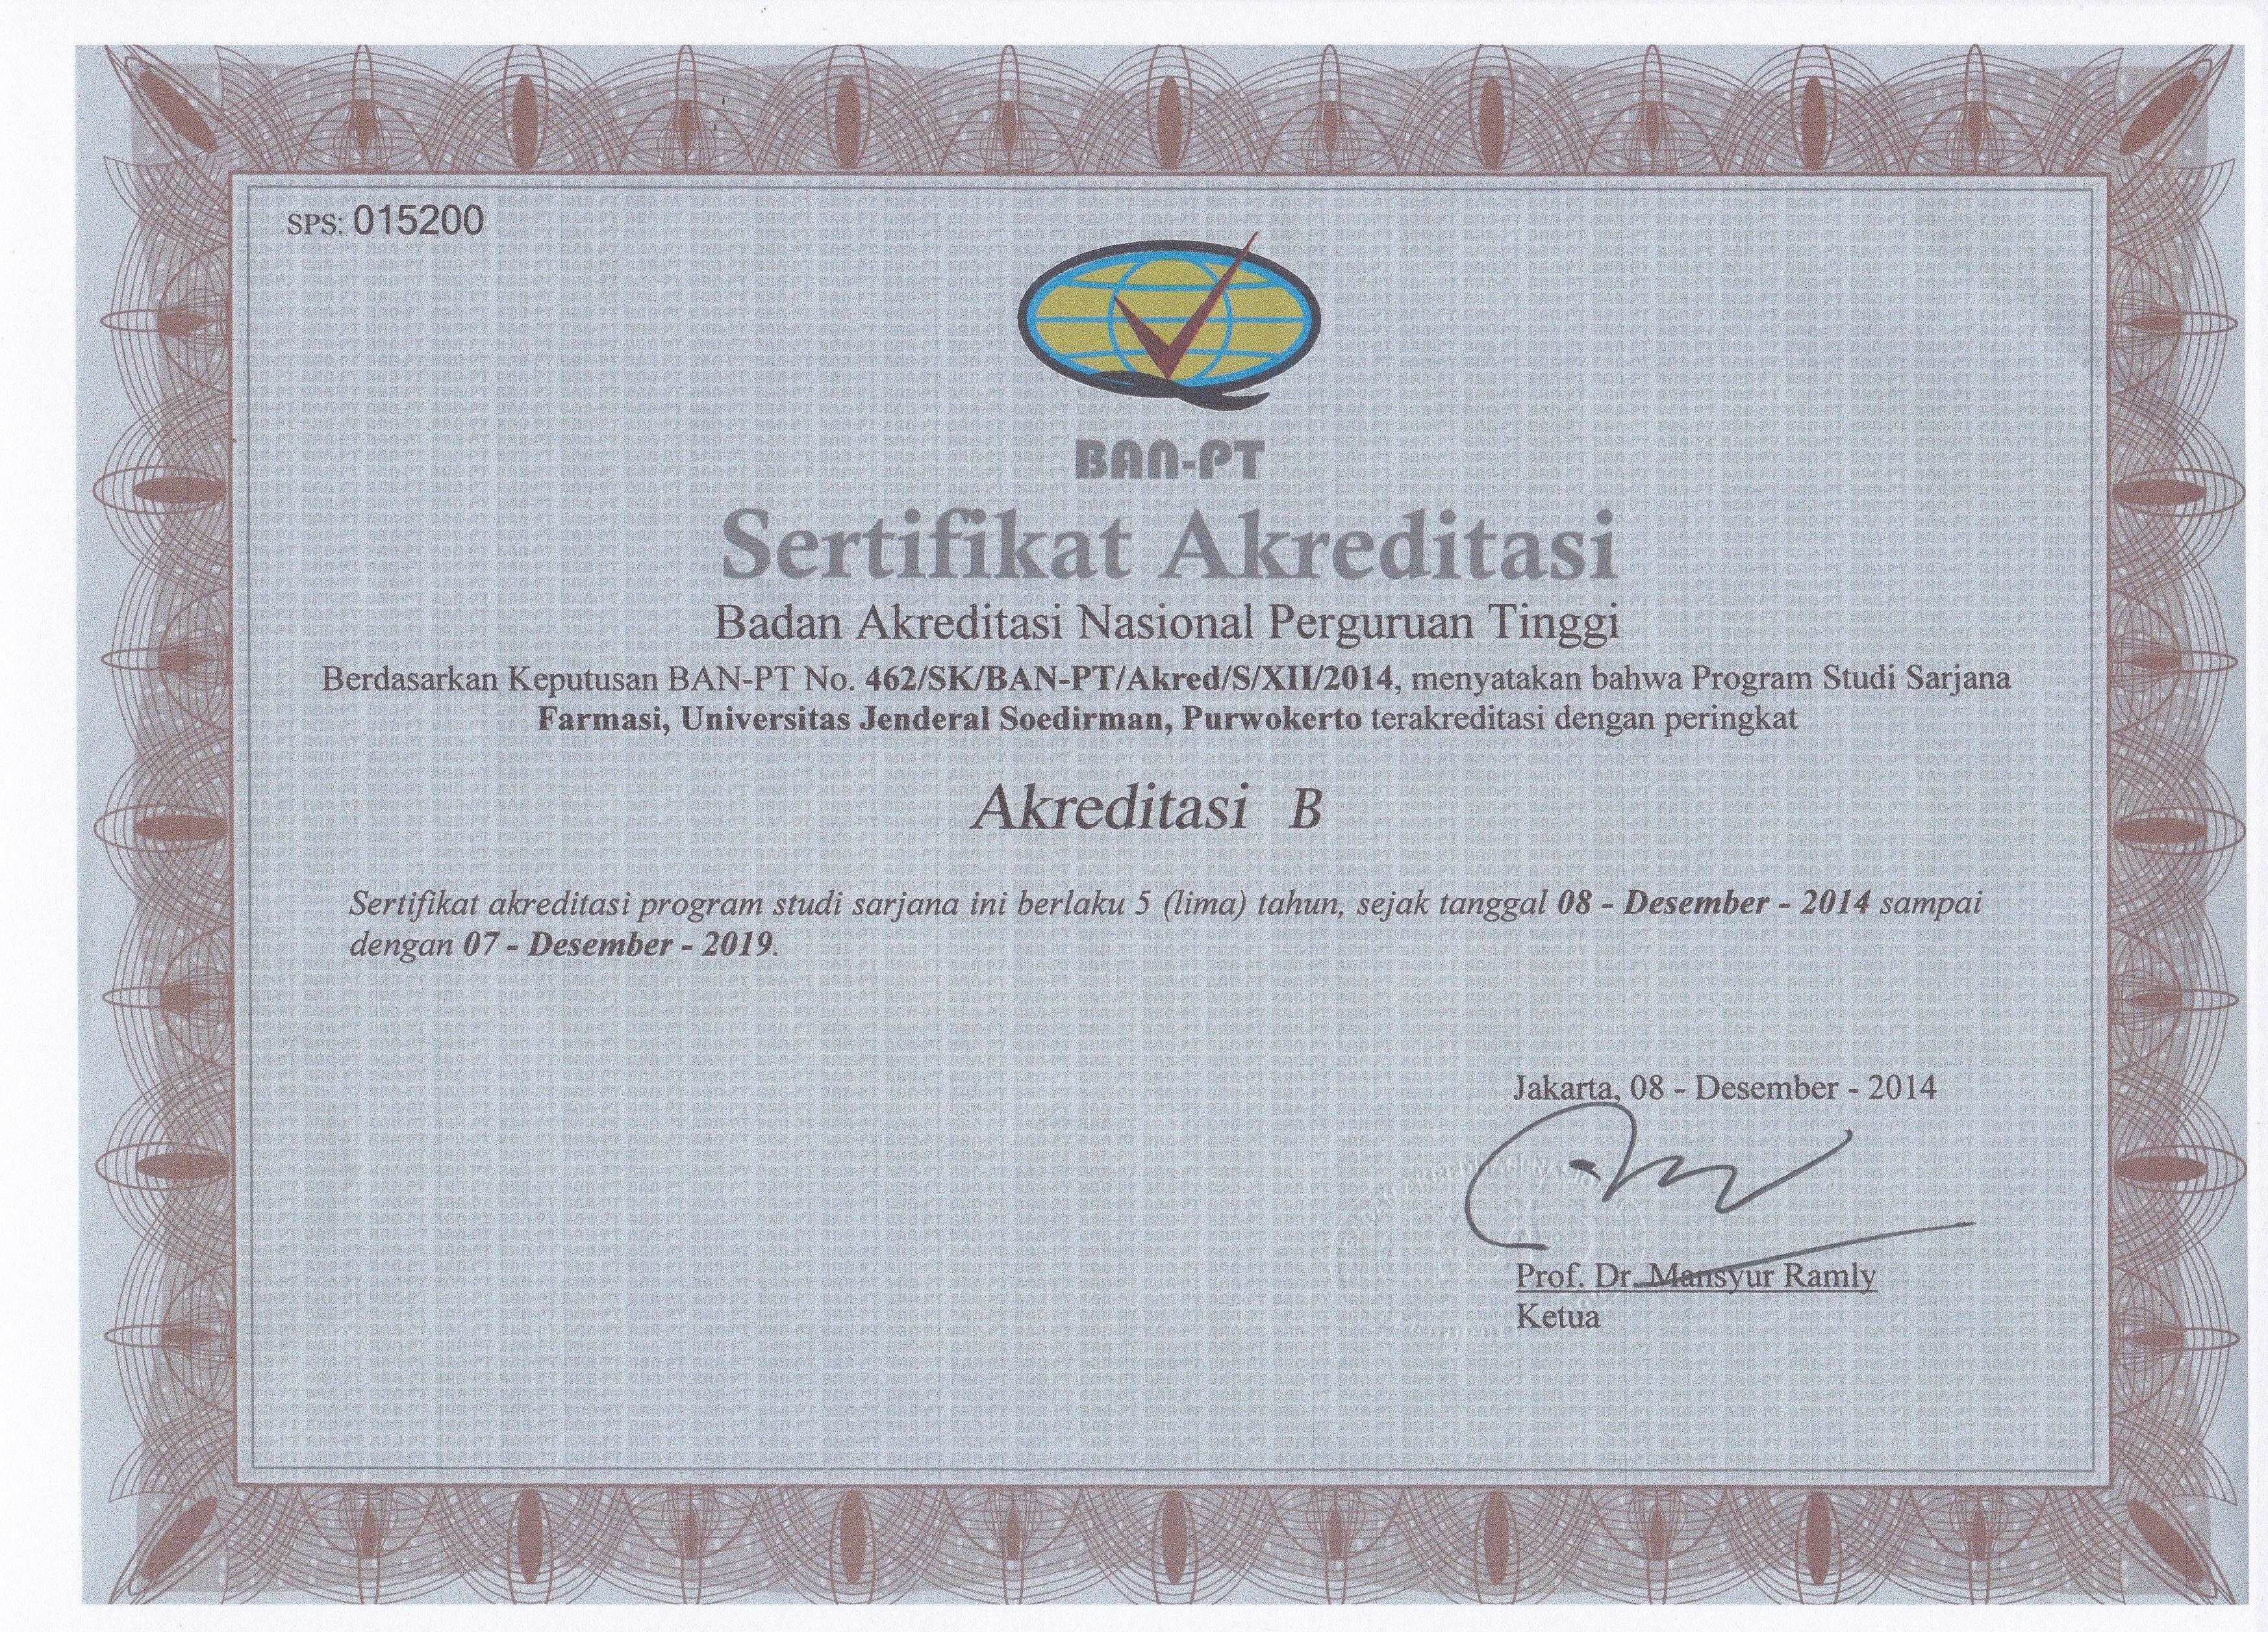 Akreditasi Jurusan Farmasi Dan Program Studi Profesi Apoteker Universitas Jenderal Soedirman